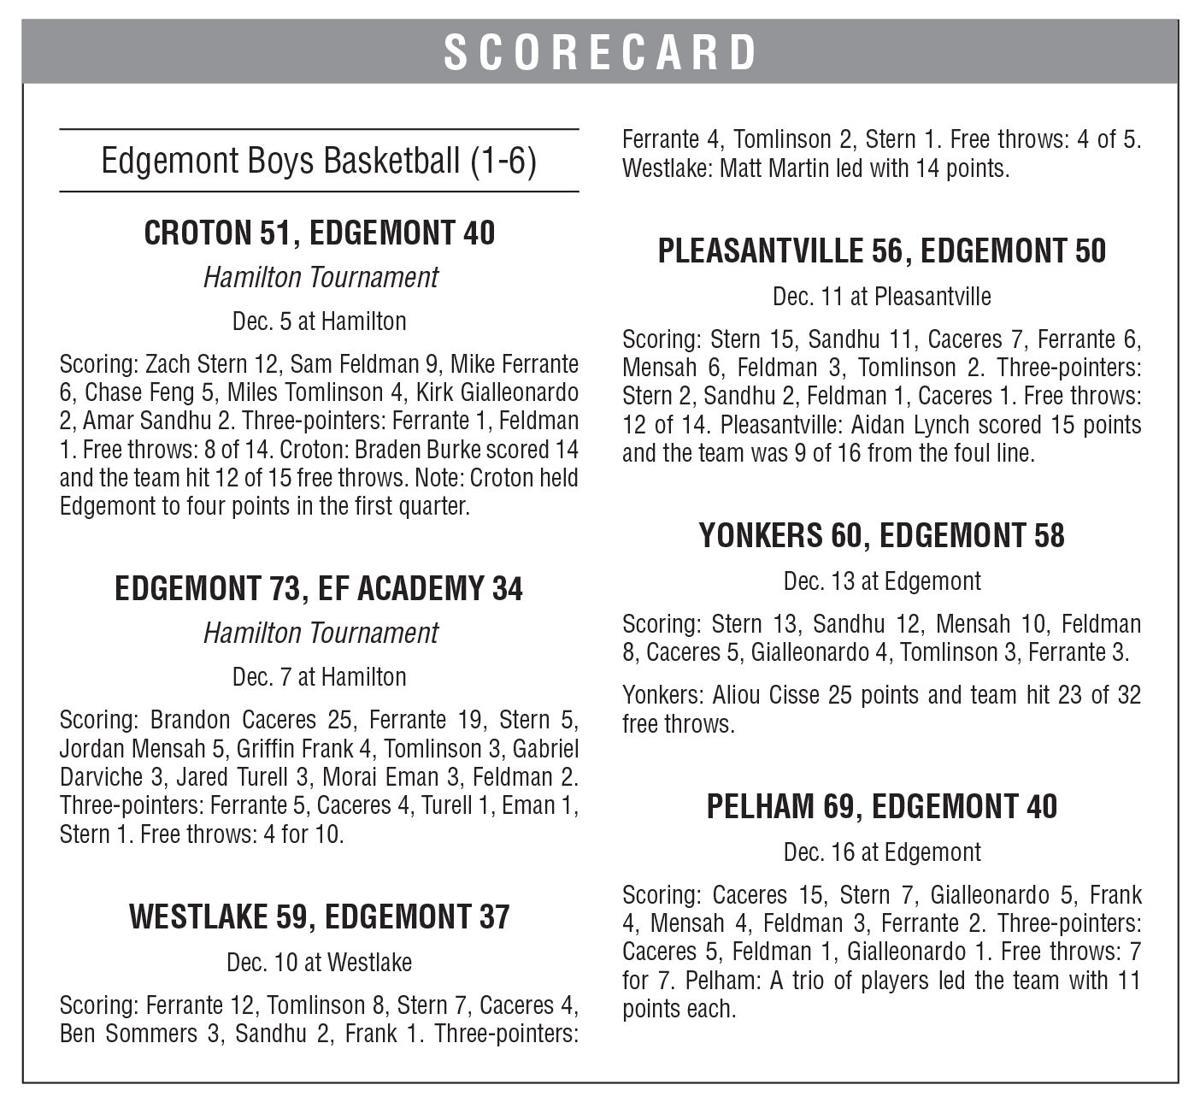 Edgemont boys basketball boxscore 12/20 issue